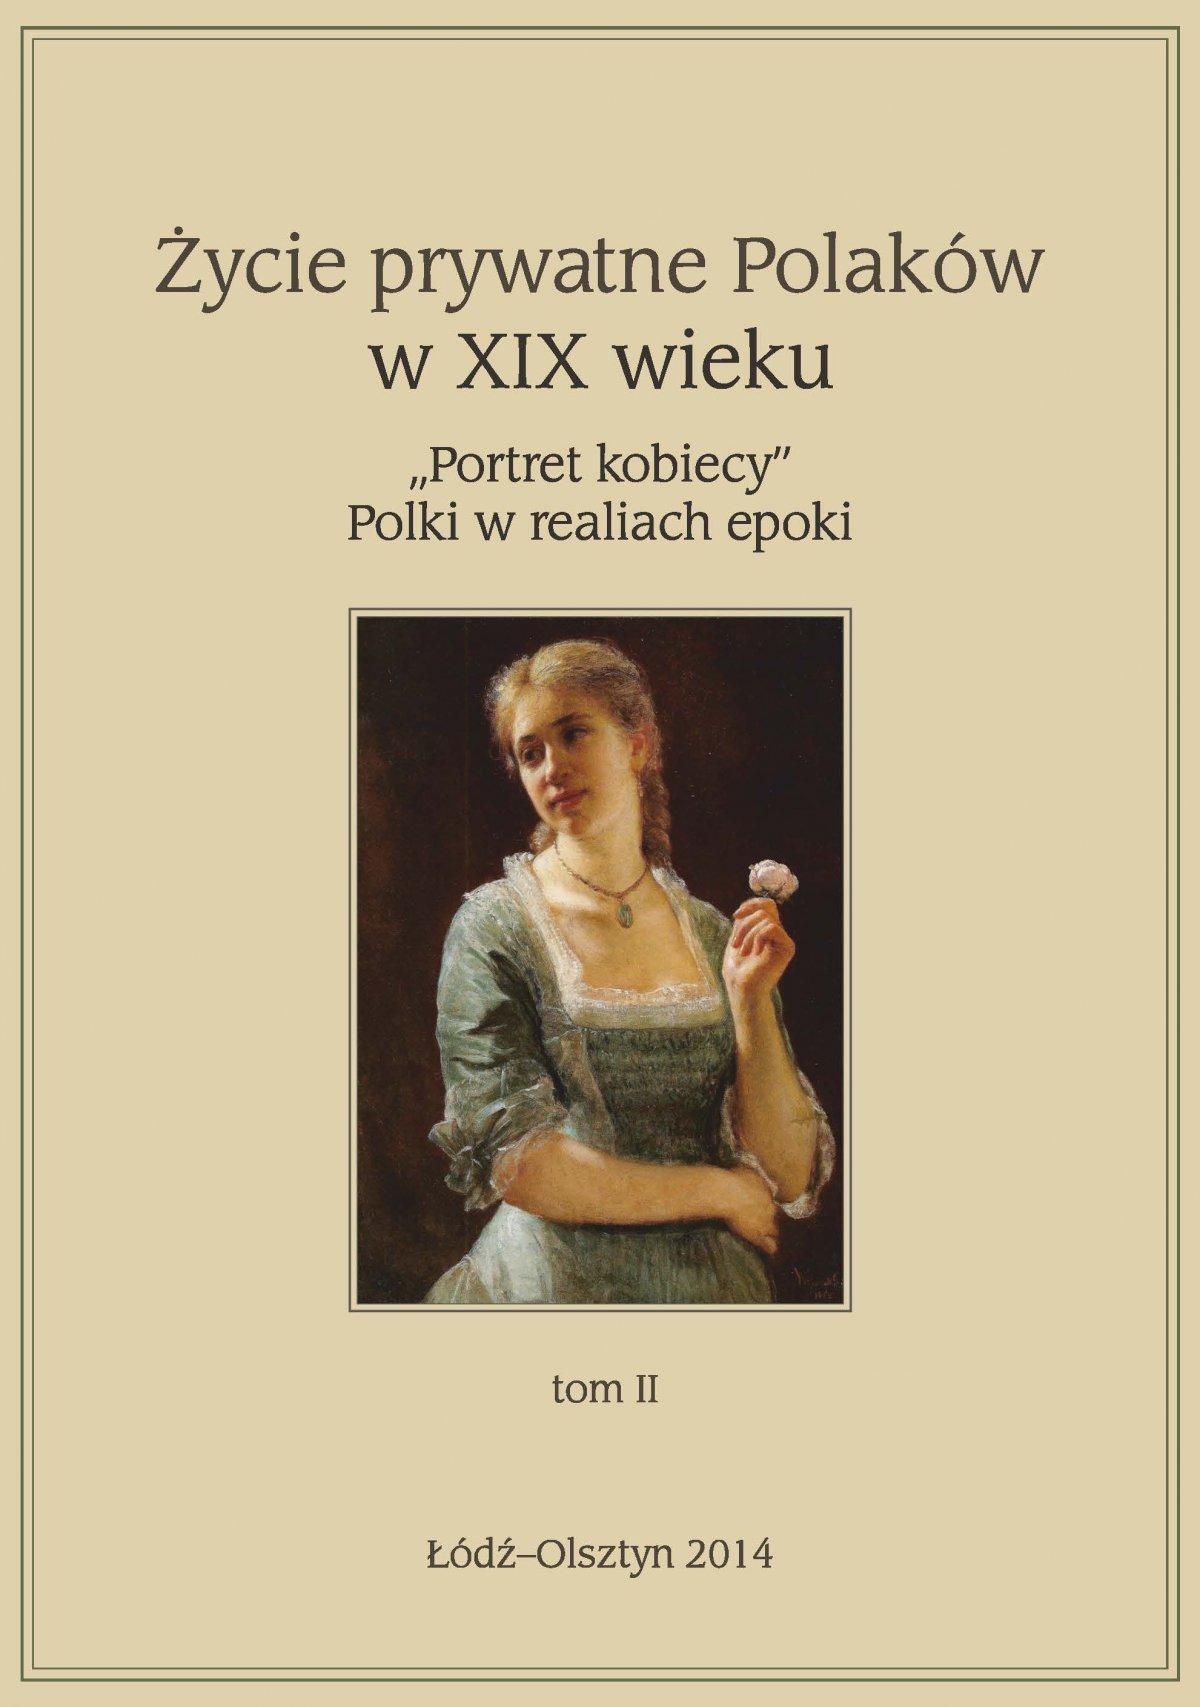 """Życie prywatne Polaków w XIX w. """"Portret kobiecy"""" Polki w realiach epoki. Tom 2 - Ebook (Książka EPUB) do pobrania w formacie EPUB"""